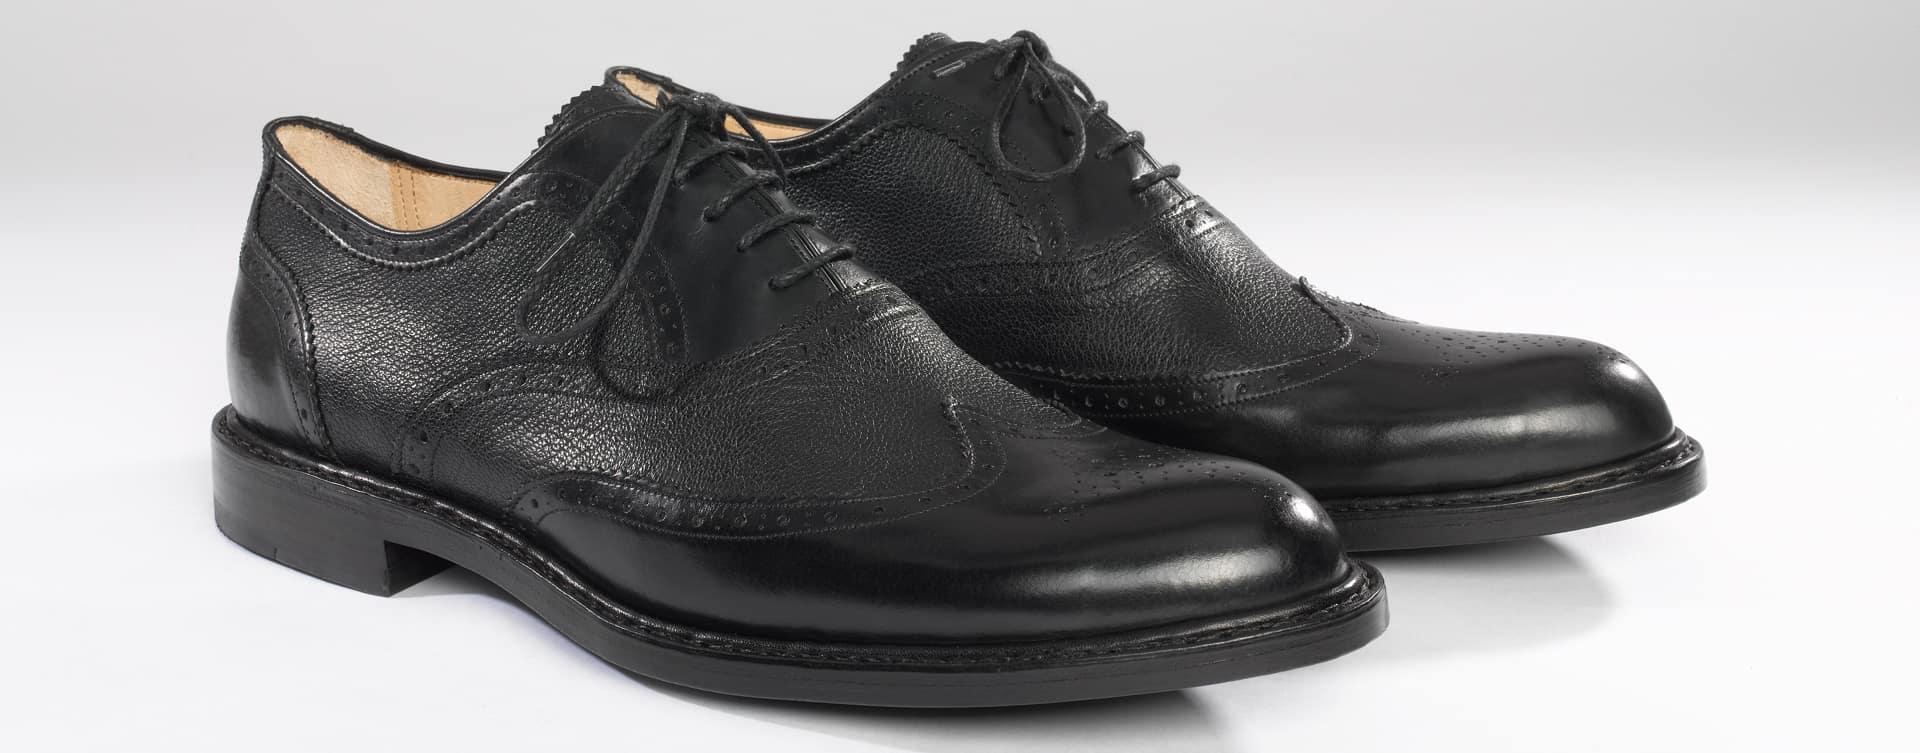 Der Brogue ist einer der bedeutendsten Vertreter klassischer Herrenschuhmode. Sowohl als Slipper in der Monk-Version als auch Schnür-Modell in der Oxford-Variante ist er ein perfekter Begleiter für jeden Anlass.